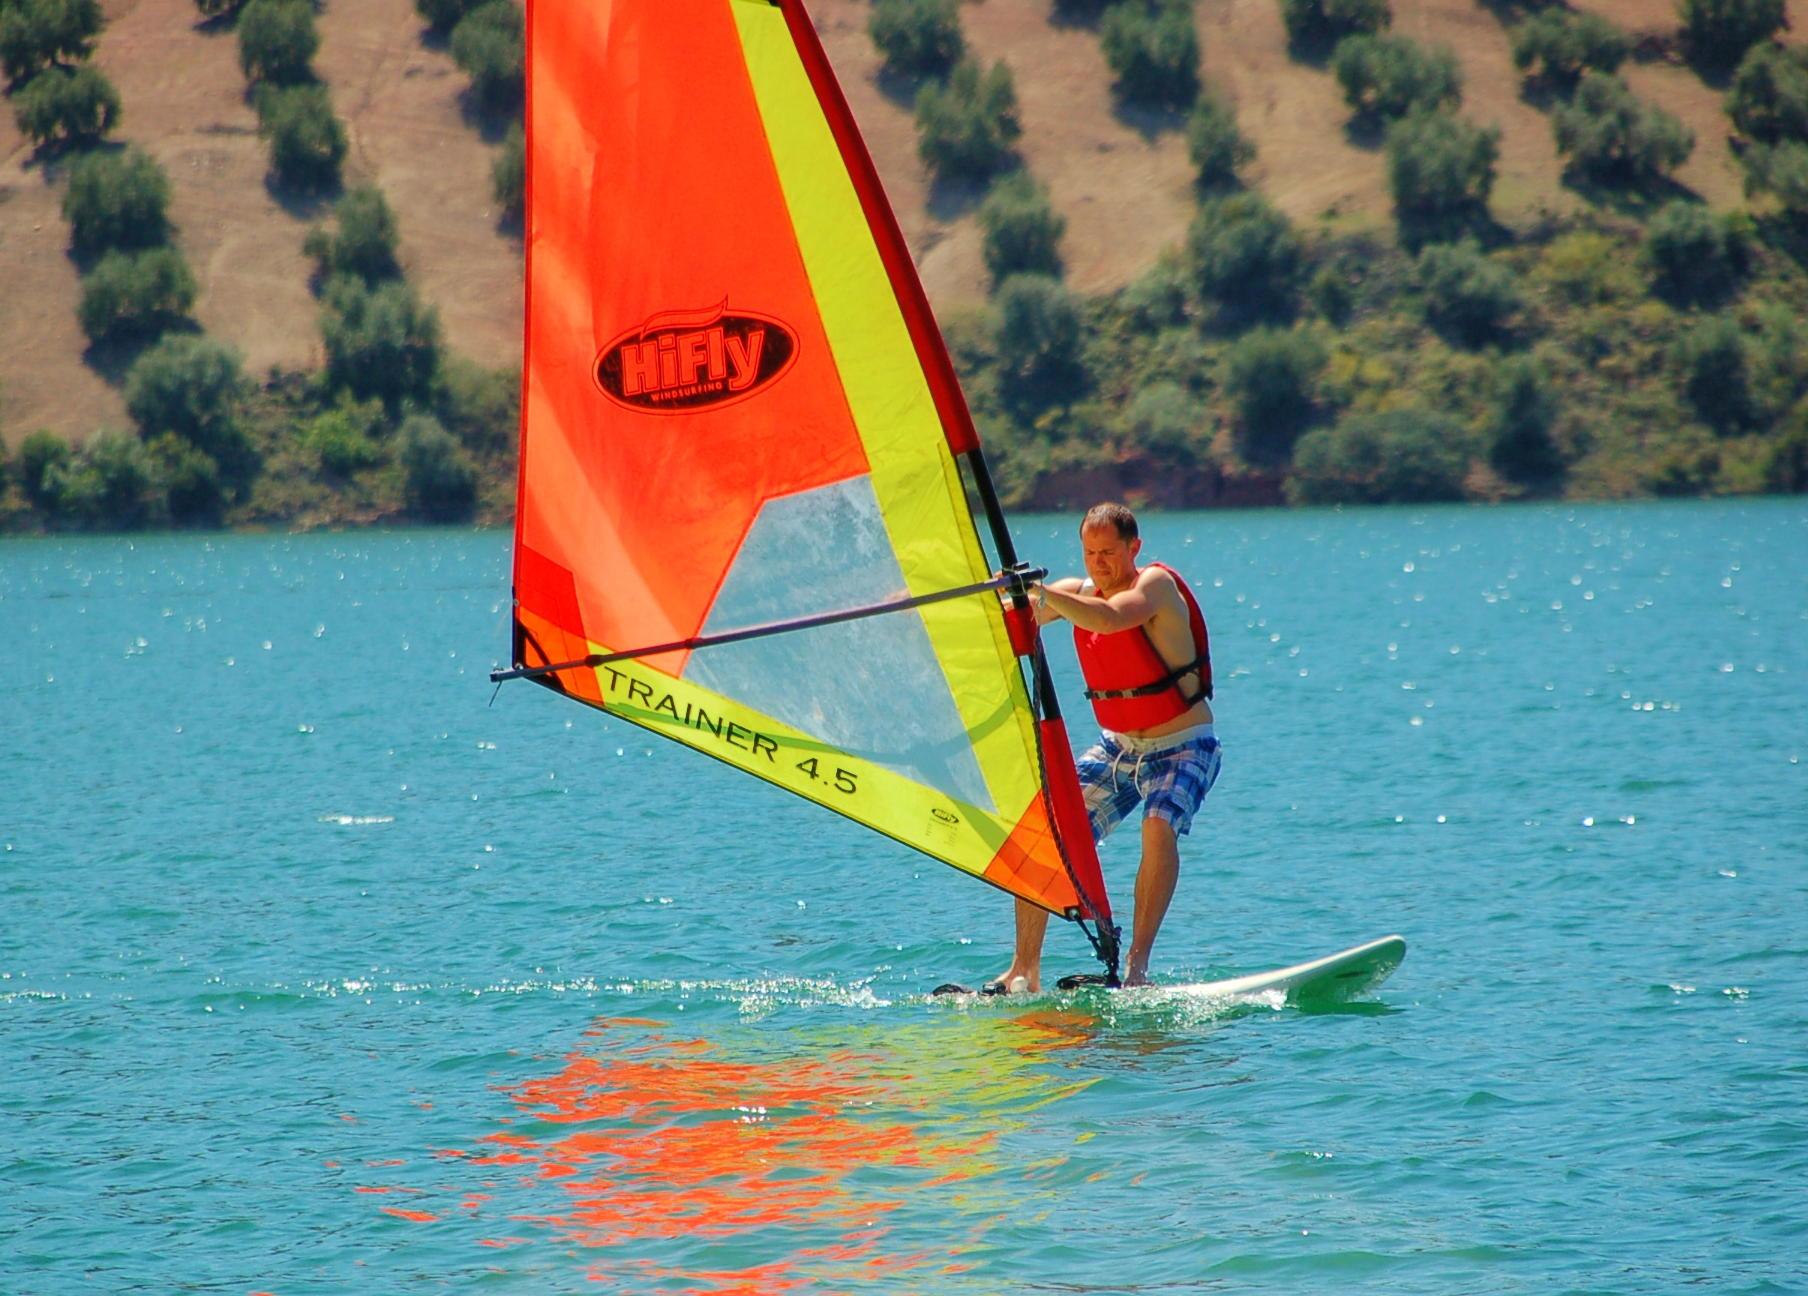 Winsurf Beach playa Iznajar Andalucia Swim sail Kayaks pedalos